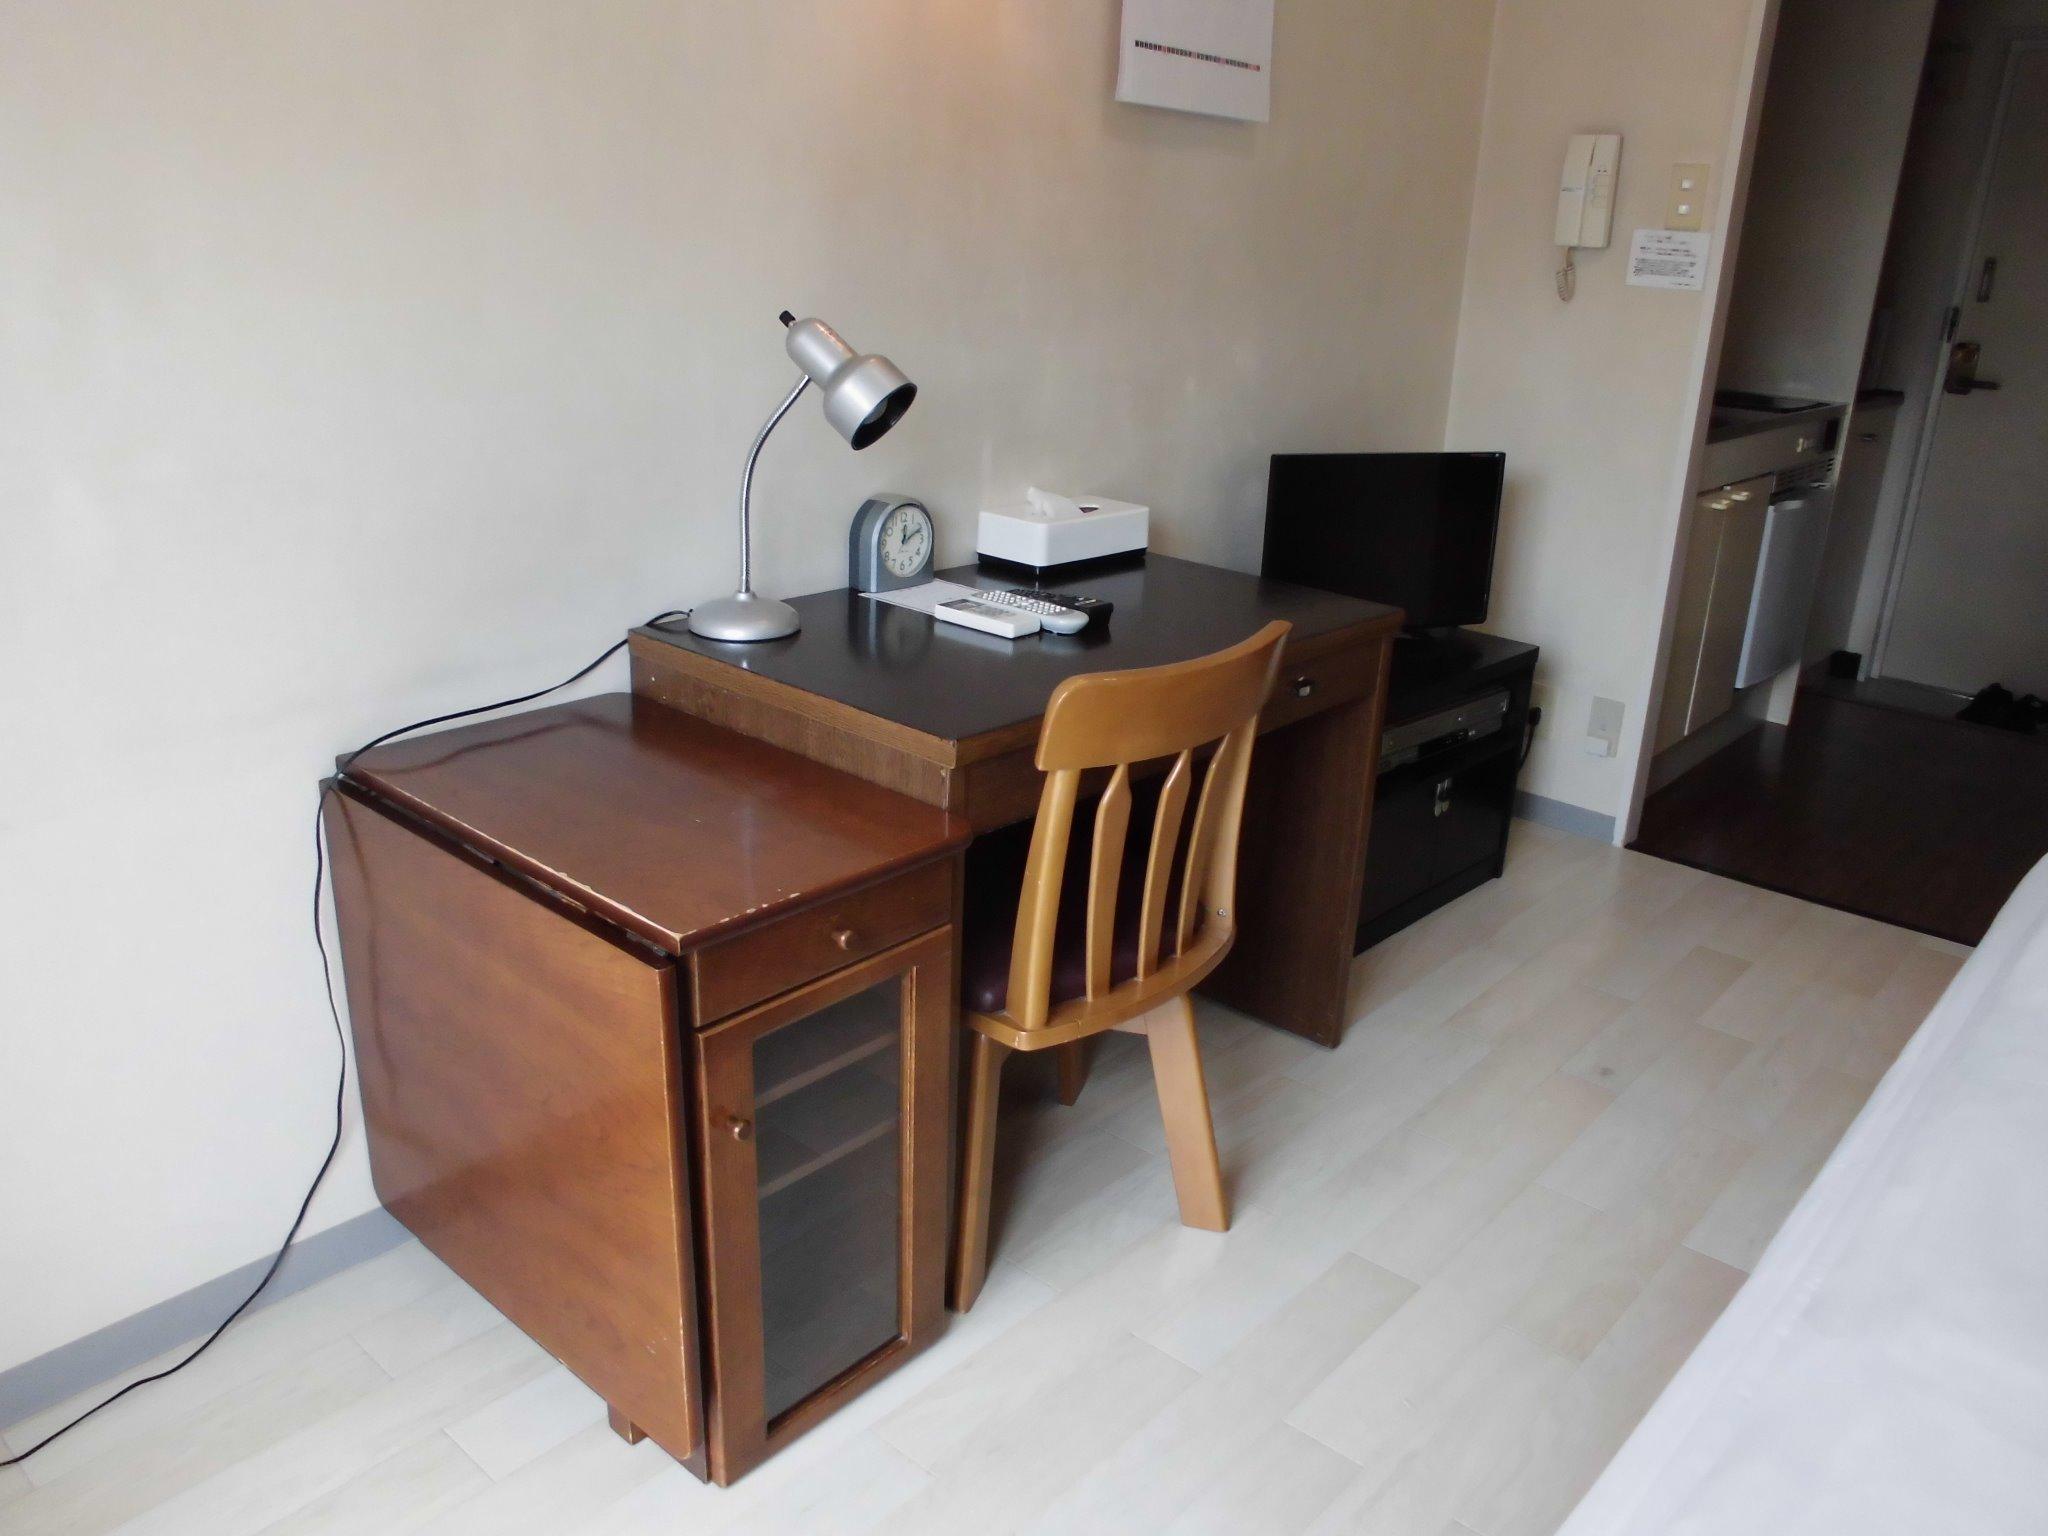 室内には、机もあります。